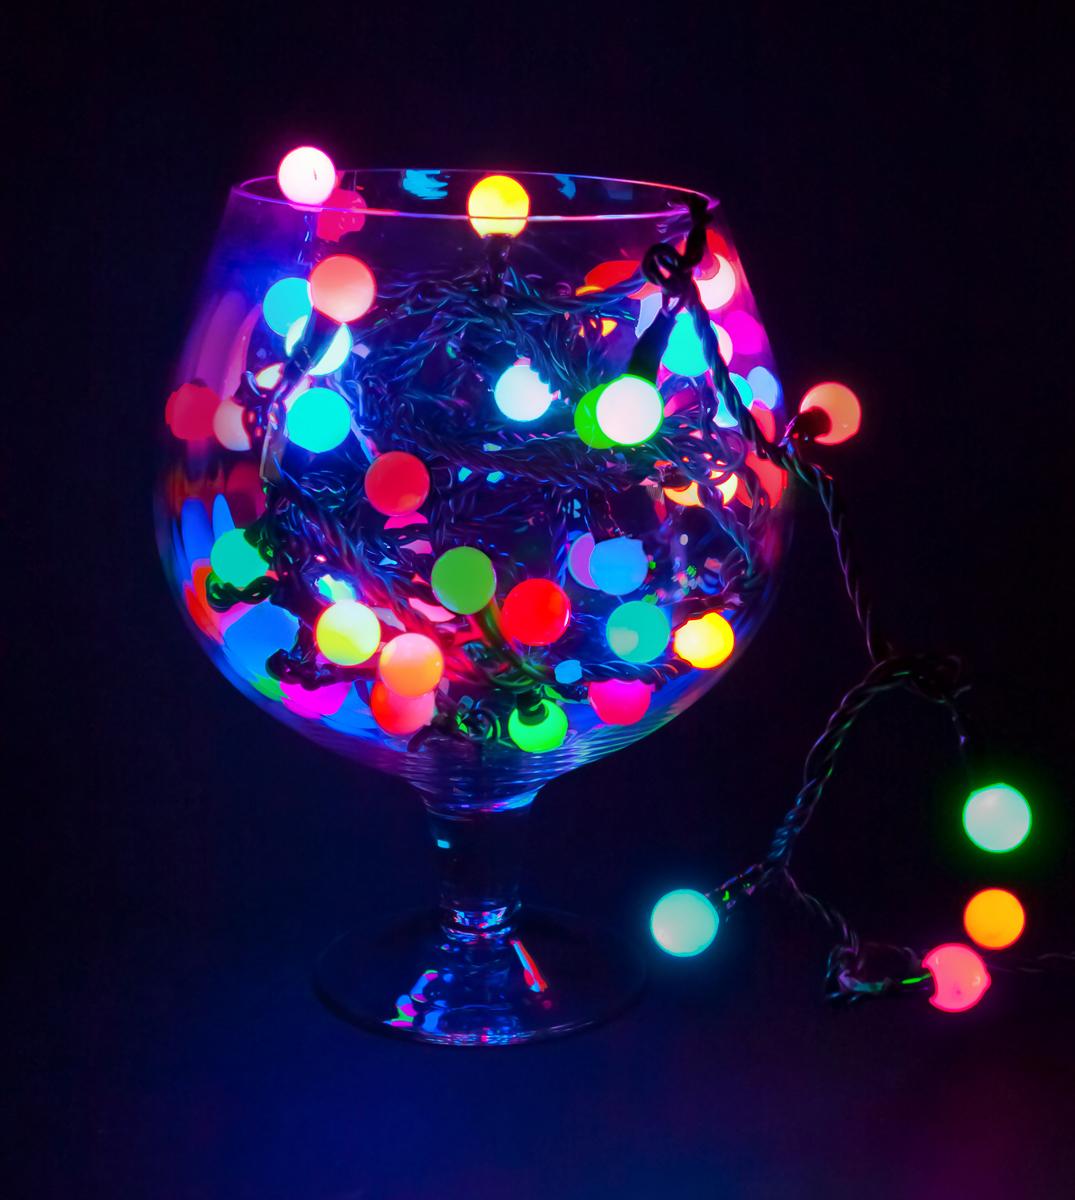 Гирлянда Neon-Night Мультишарики, светодиодная, 80 LED, диаметр 17,5 мм, 10 мBH0308Гирлянда «Мультишарики» представляет собой электрический шнур, имеющий длину 10 или 20 м, на котором располагаются сверх яркие светодиодные лампы, изготовленные в виде шариков с диаметром 1,3-1,75 см. Светодиоды по сравнению с миниатюрными лампами накаливания имеют целый ряд существенных преимуществ. Их отличает чистое и яркое свечение, огромный ресурс, прочность, незначительное потребление энергии, надежность. Гирлянда Мультишарики обладает эффектом смены цветов. Такая гирлянда позволяет получить неповторимые светодинамические картины, коренным образом отличающиеся от существующих сегодня типов световых эффектов. Гирлянда «Мультишарики» великолепно подходит для украшения витрин магазинов, помещений, больших интерьерных и уличных елок, превращая их в настоящие произведения искусства. Благодаря хорошей влагозащищенности гирлянду можно использовать как в помещении, так и на улице. Данная гирлянда имеет цвет свечения светодиодов мультиколор, 8 режимов.